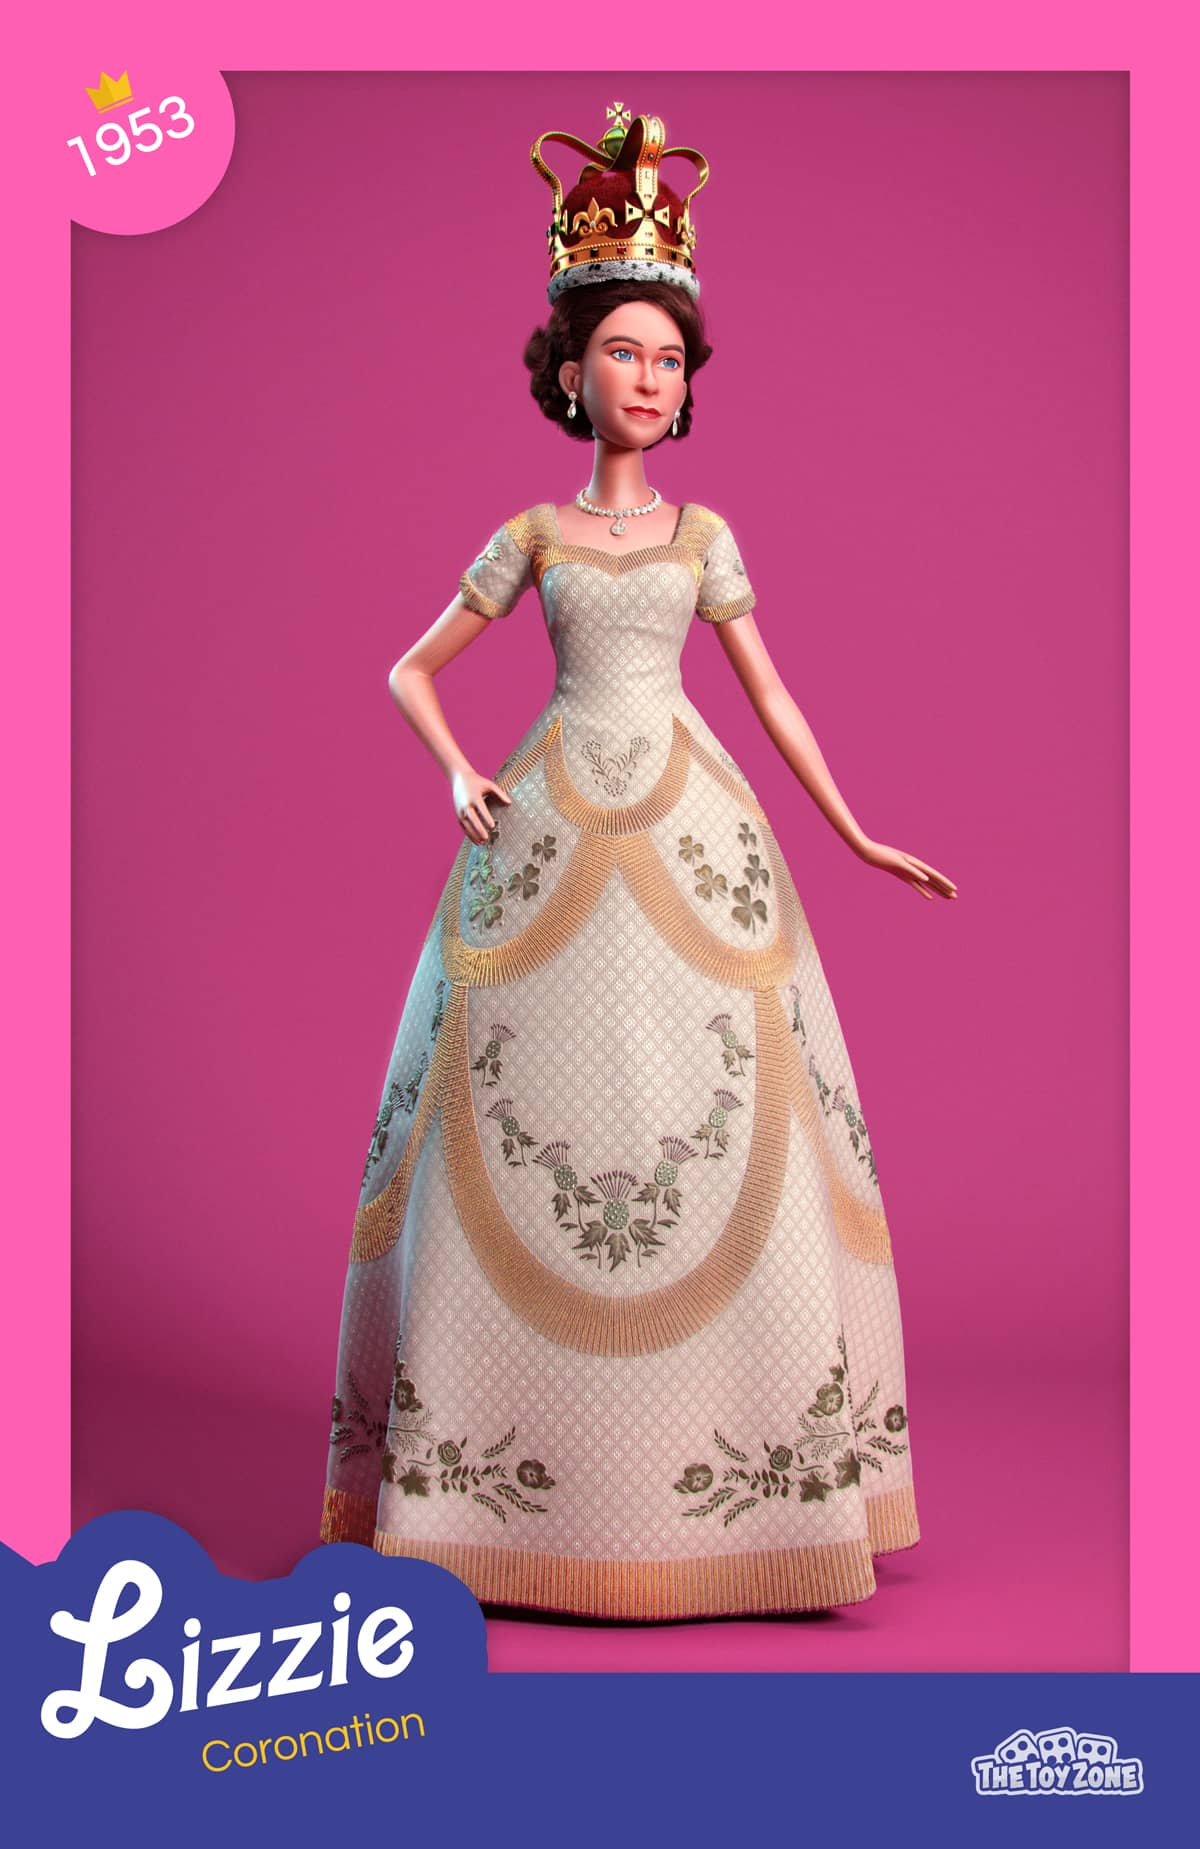 Queen Elizabeth 1953 Coronation day